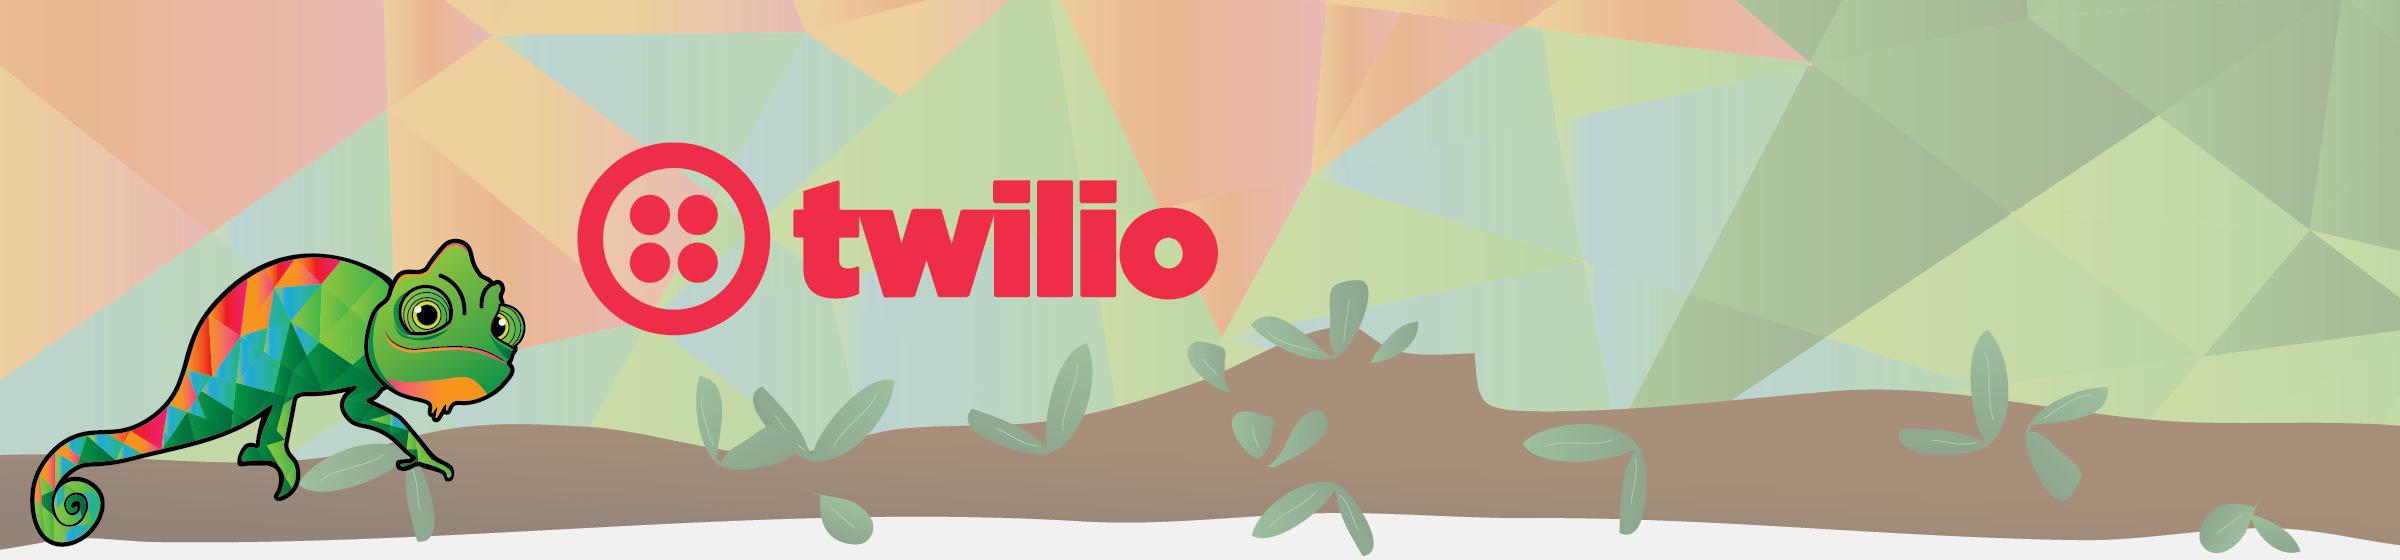 Behavioral Signals and Twilio